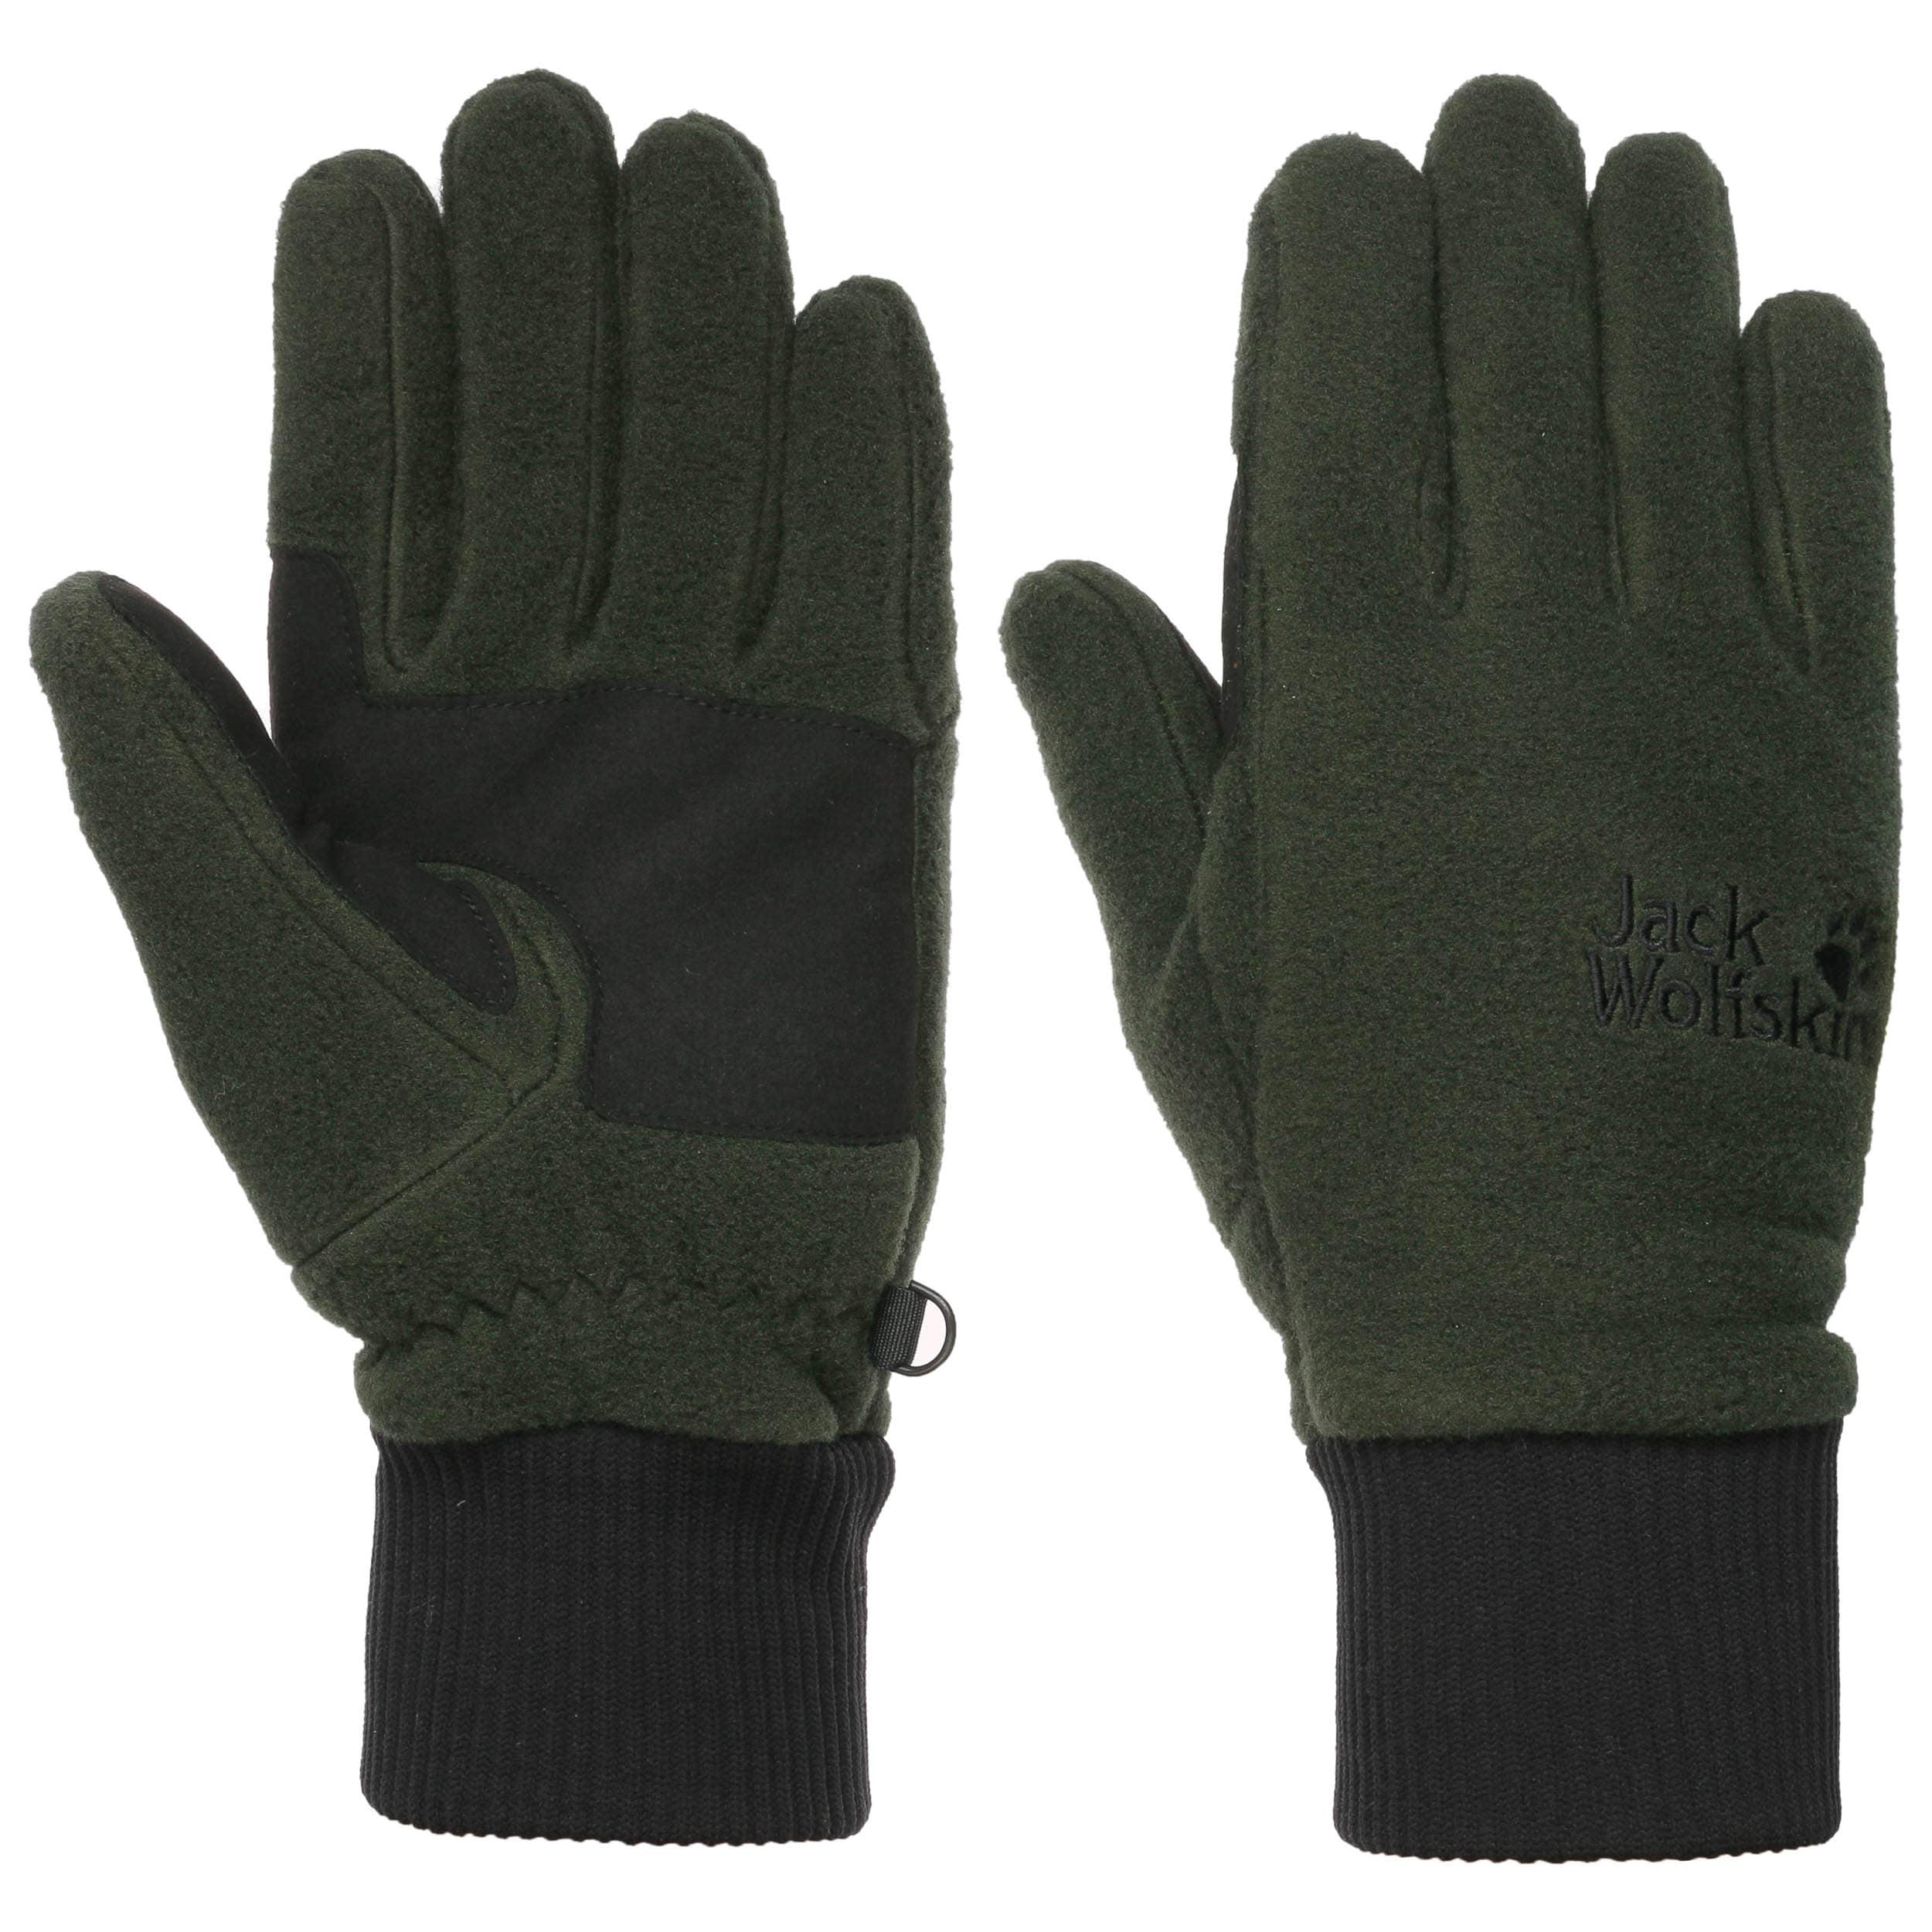 für die ganze Familie guter Verkauf neueste Art von Vertigo Fleece Gloves by Jack Wolfskin